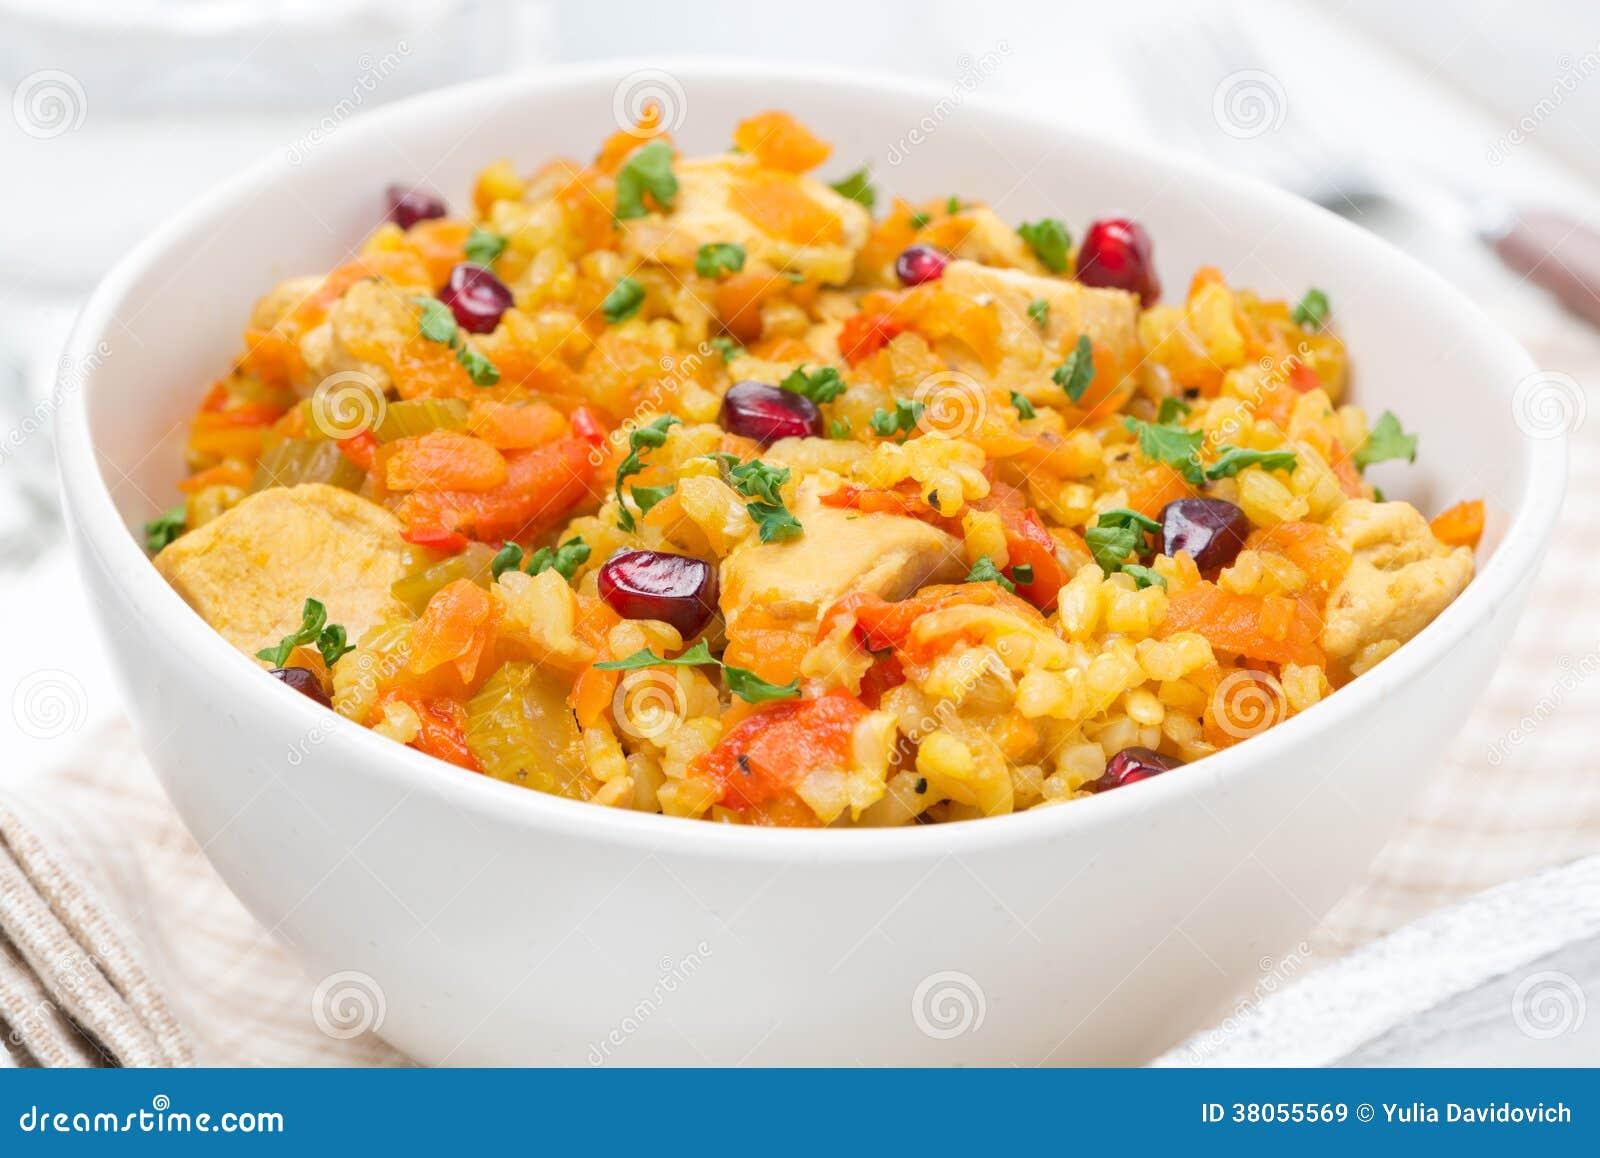 Ris med grönsaker, höna och granatäpplet, närbild